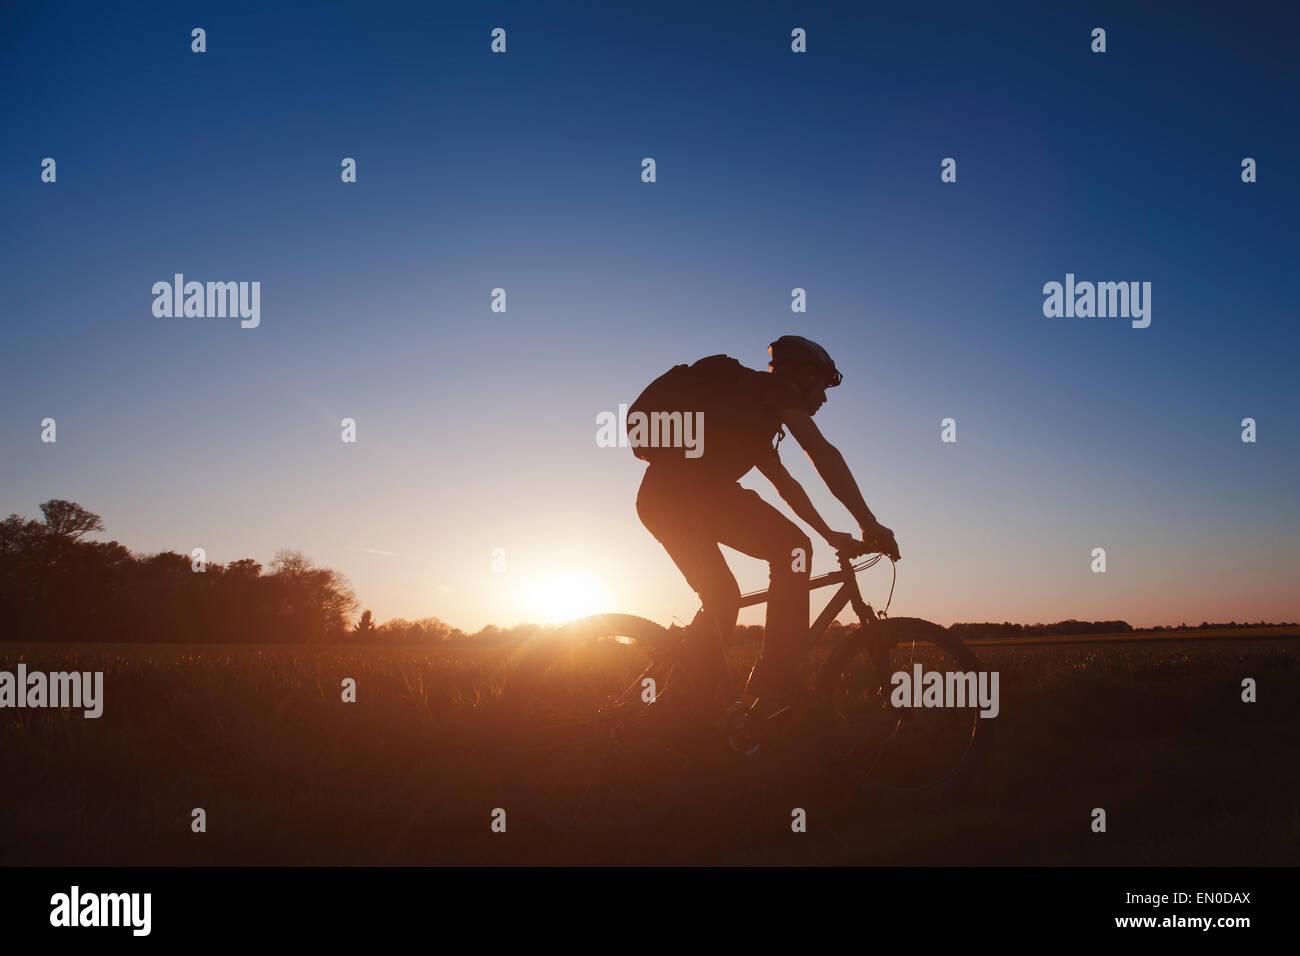 Silhouette di un giovane uomo sulla bicicletta al tramonto Immagini Stock